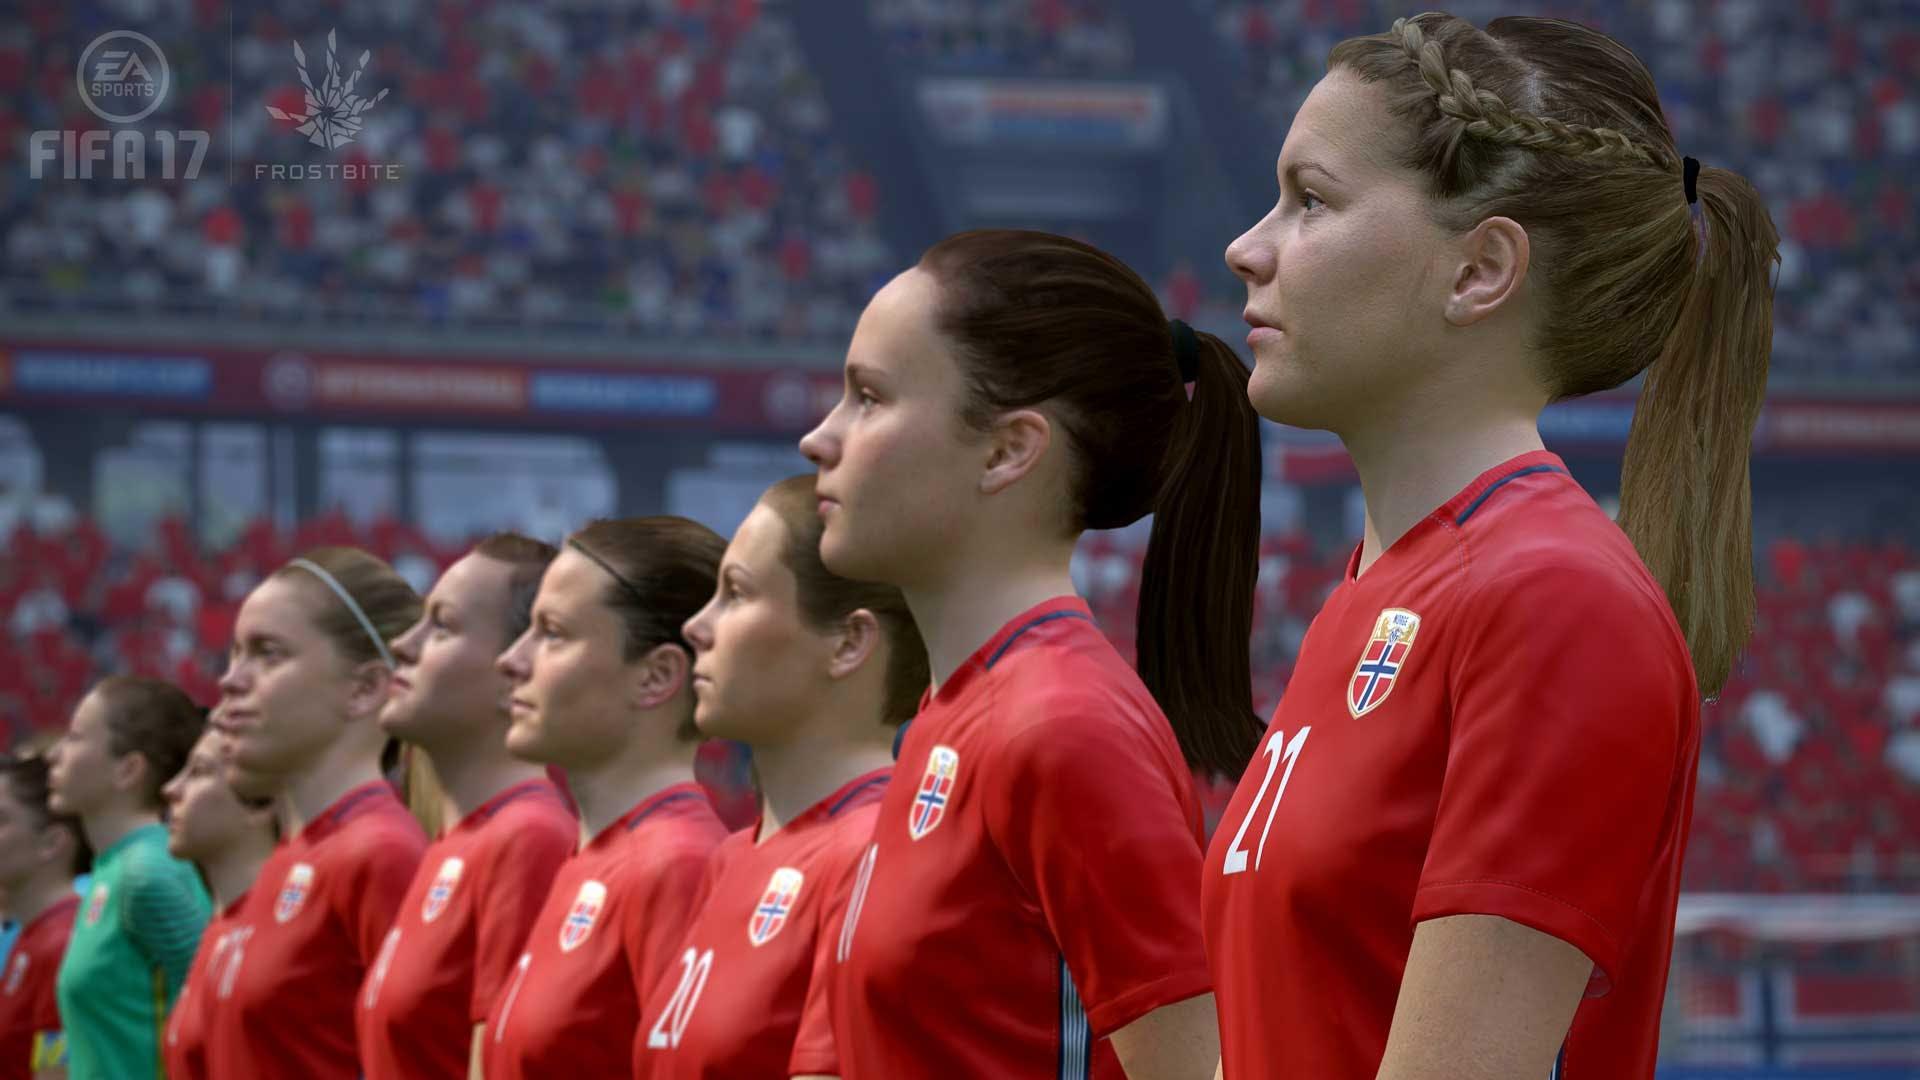 FIFA 17 - Norwegian women's team